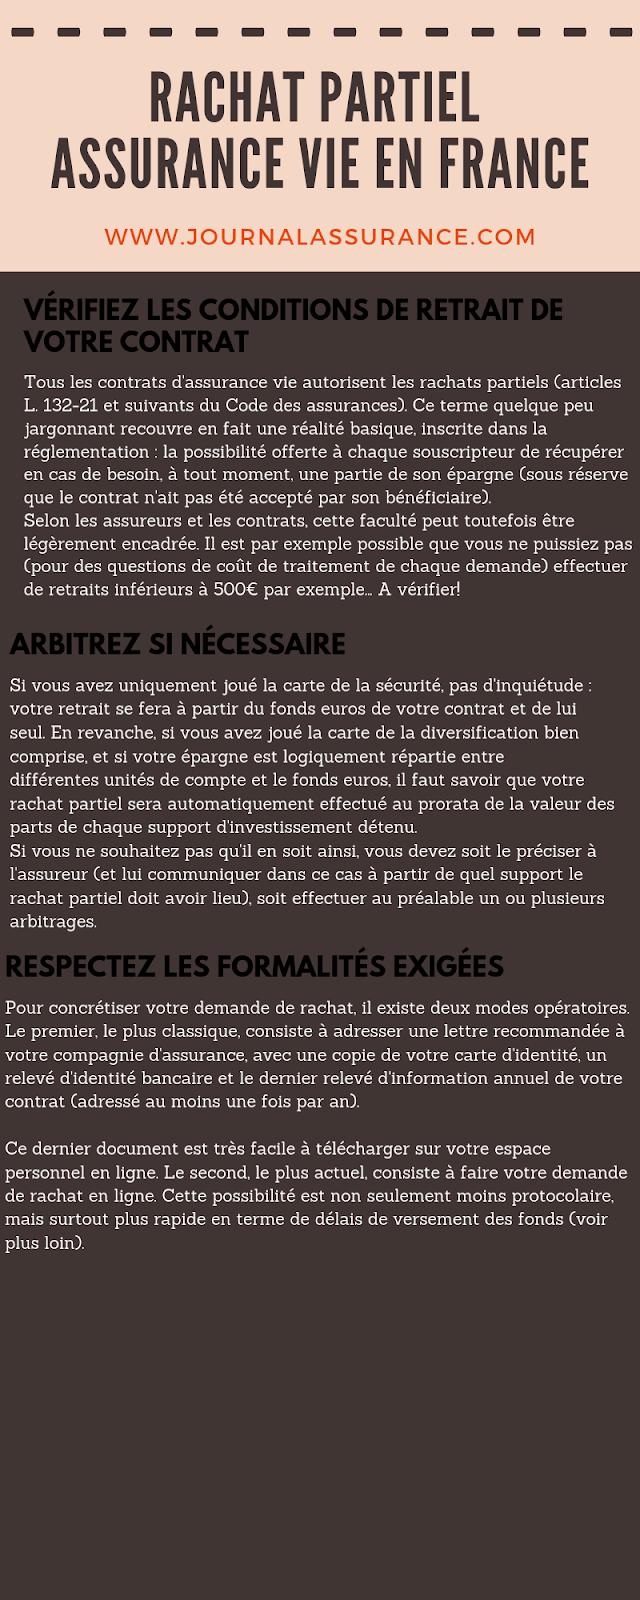 RACHAT PARTIEL ASSURANCE VIE EN FRANCE